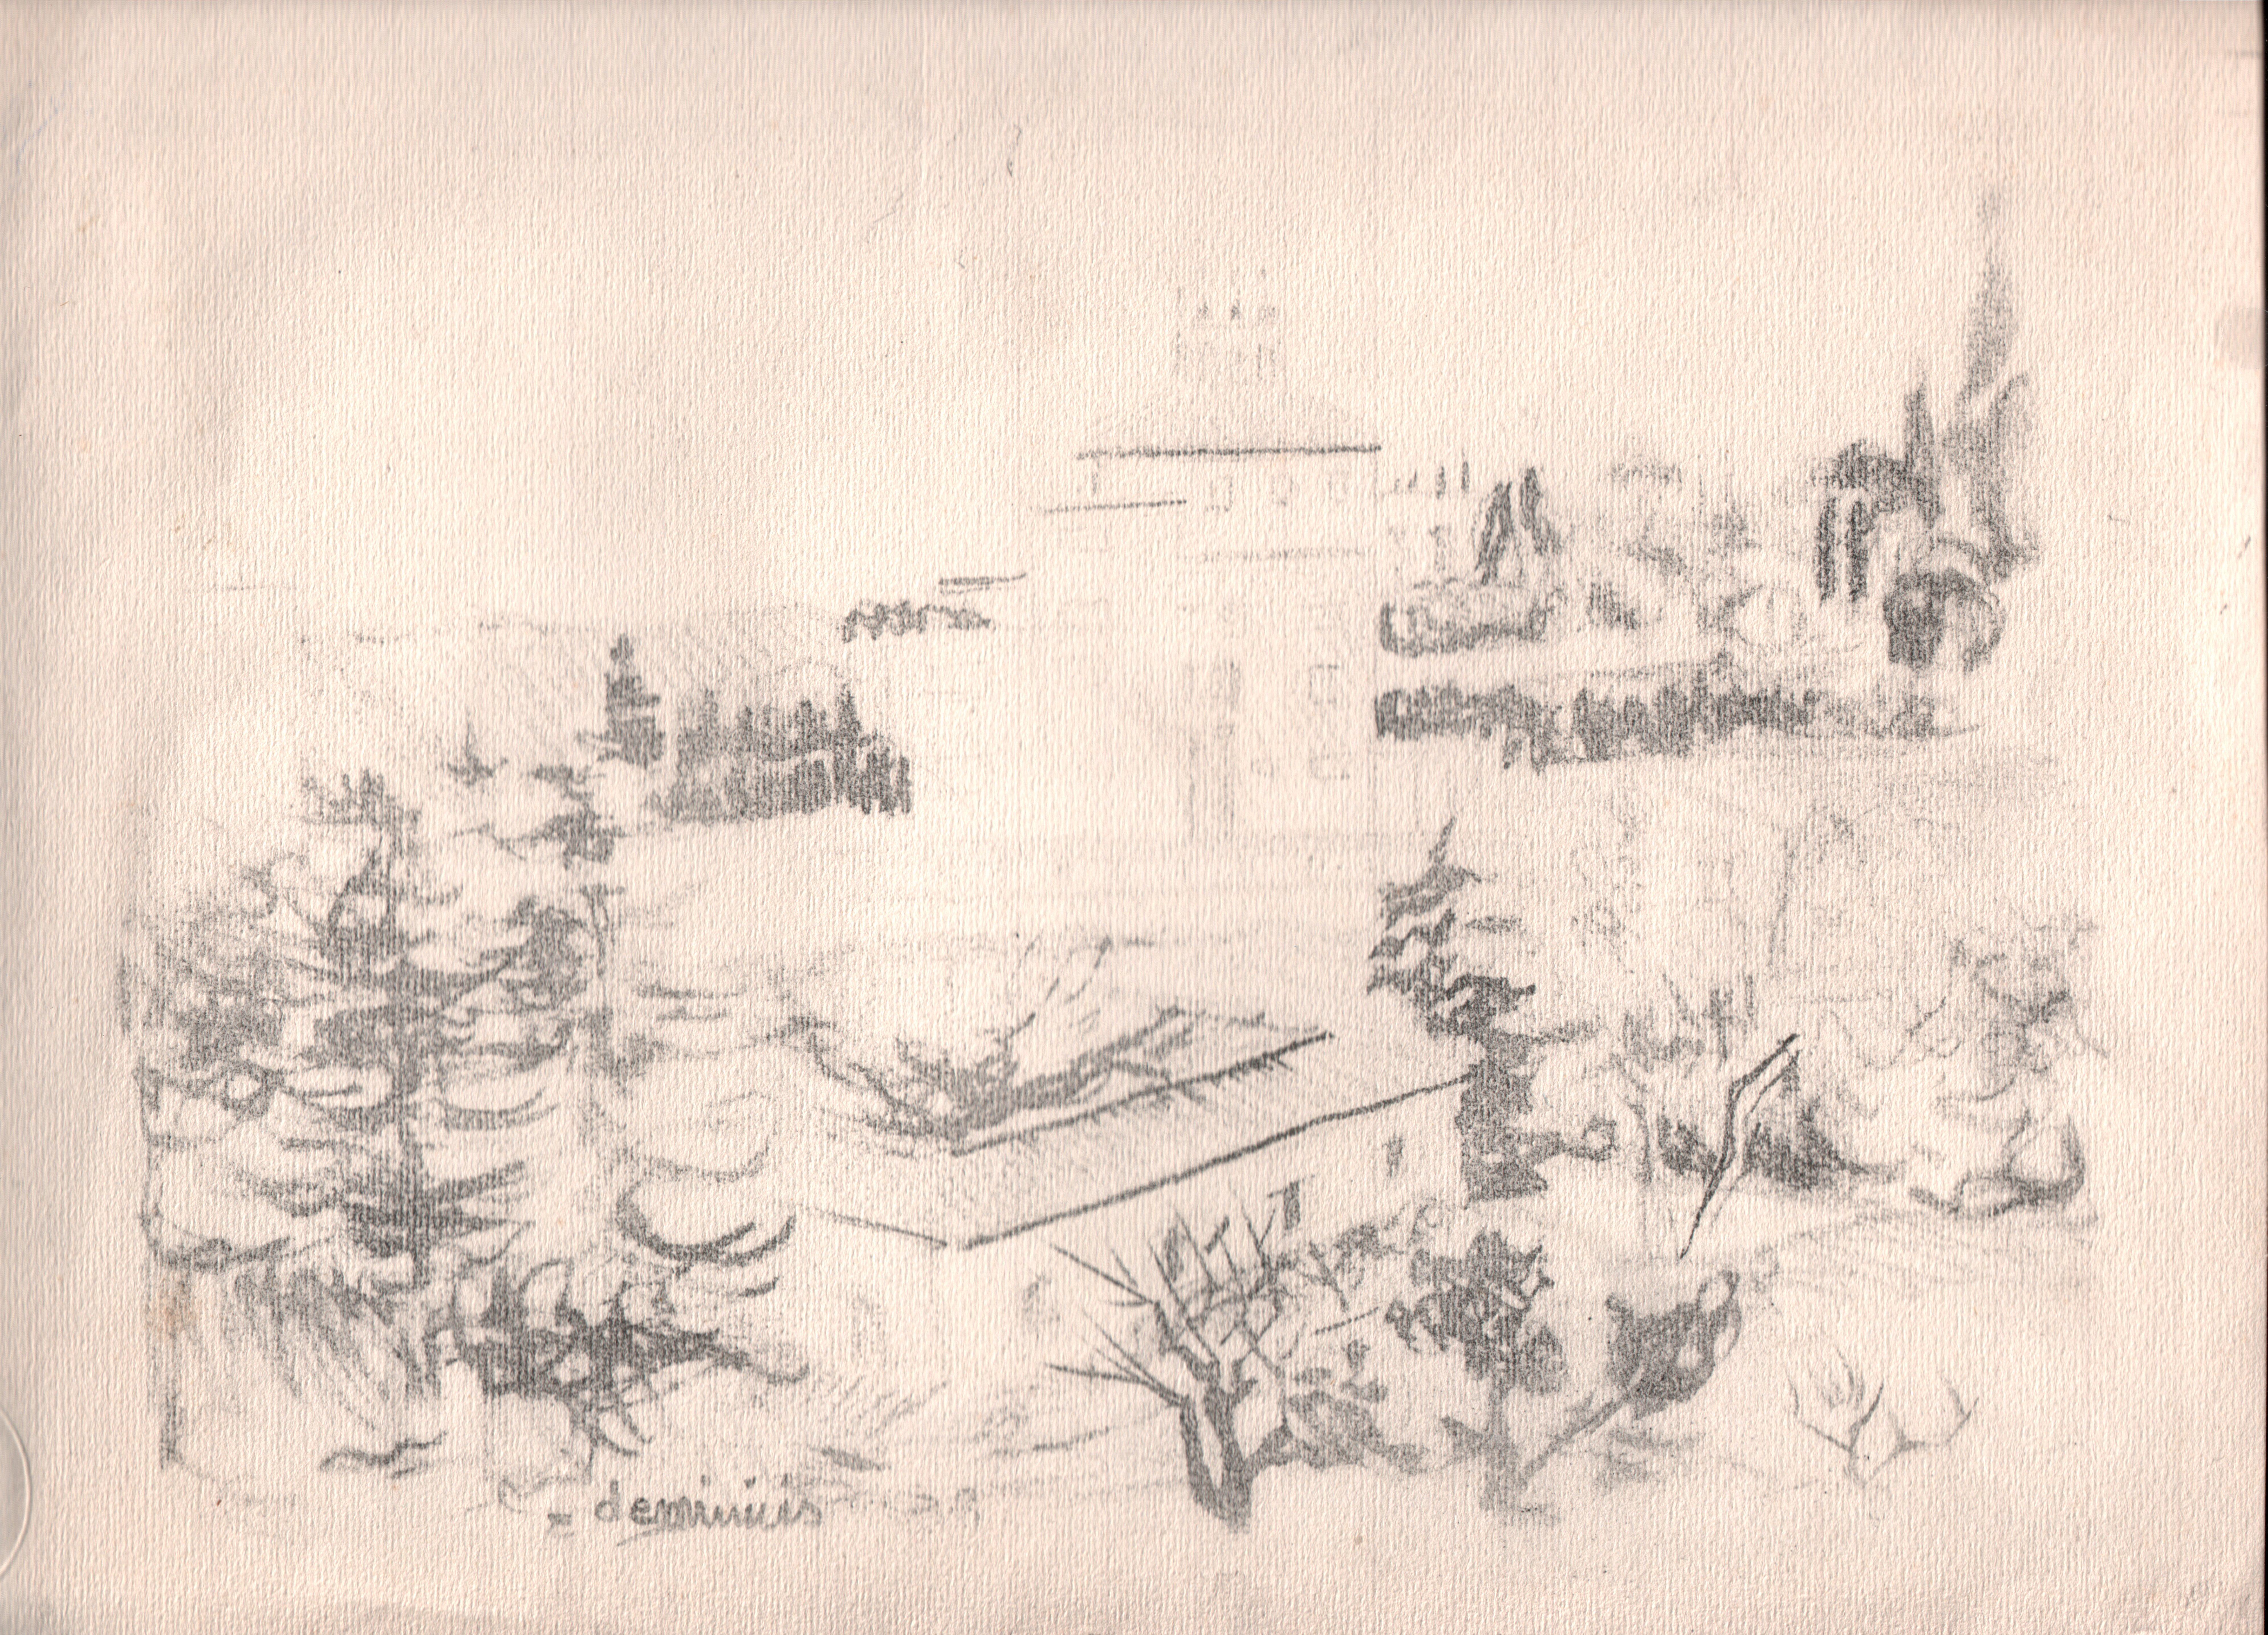 Disegni ed acquerelli di diego de minicis for Disegni paesaggi semplici